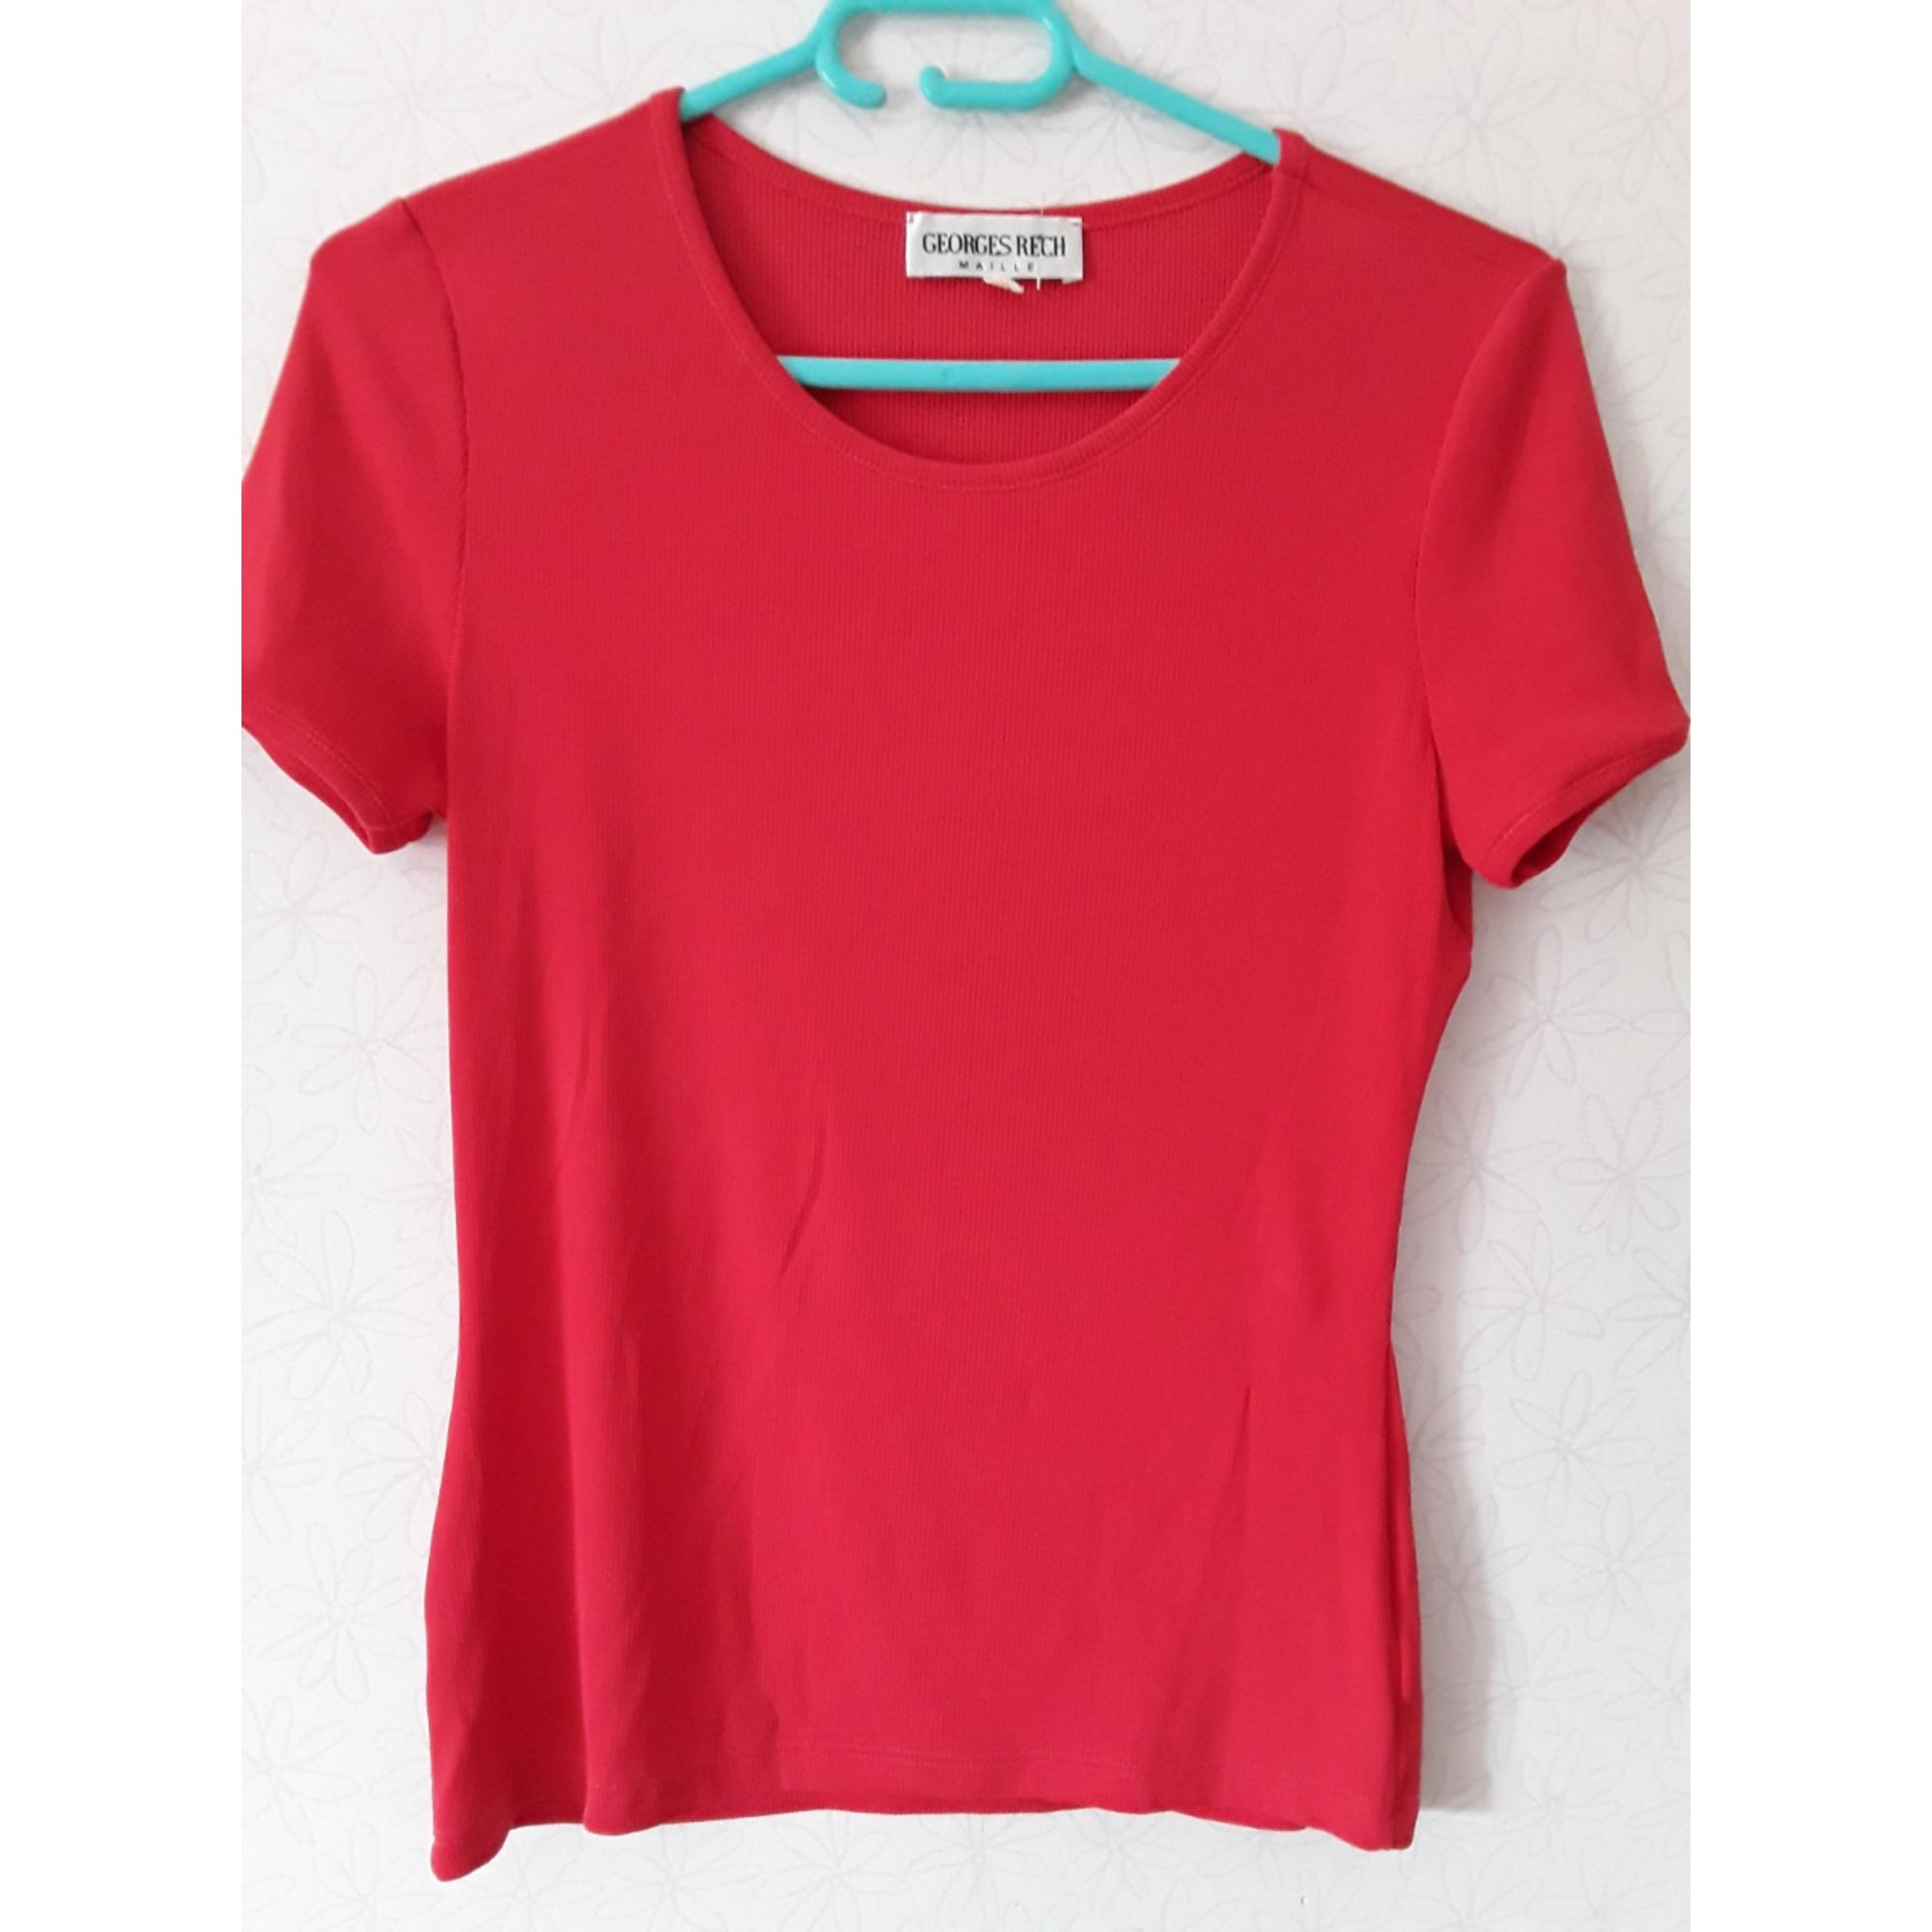 Top, tee-shirt GEORGES RECH Rouge, bordeaux